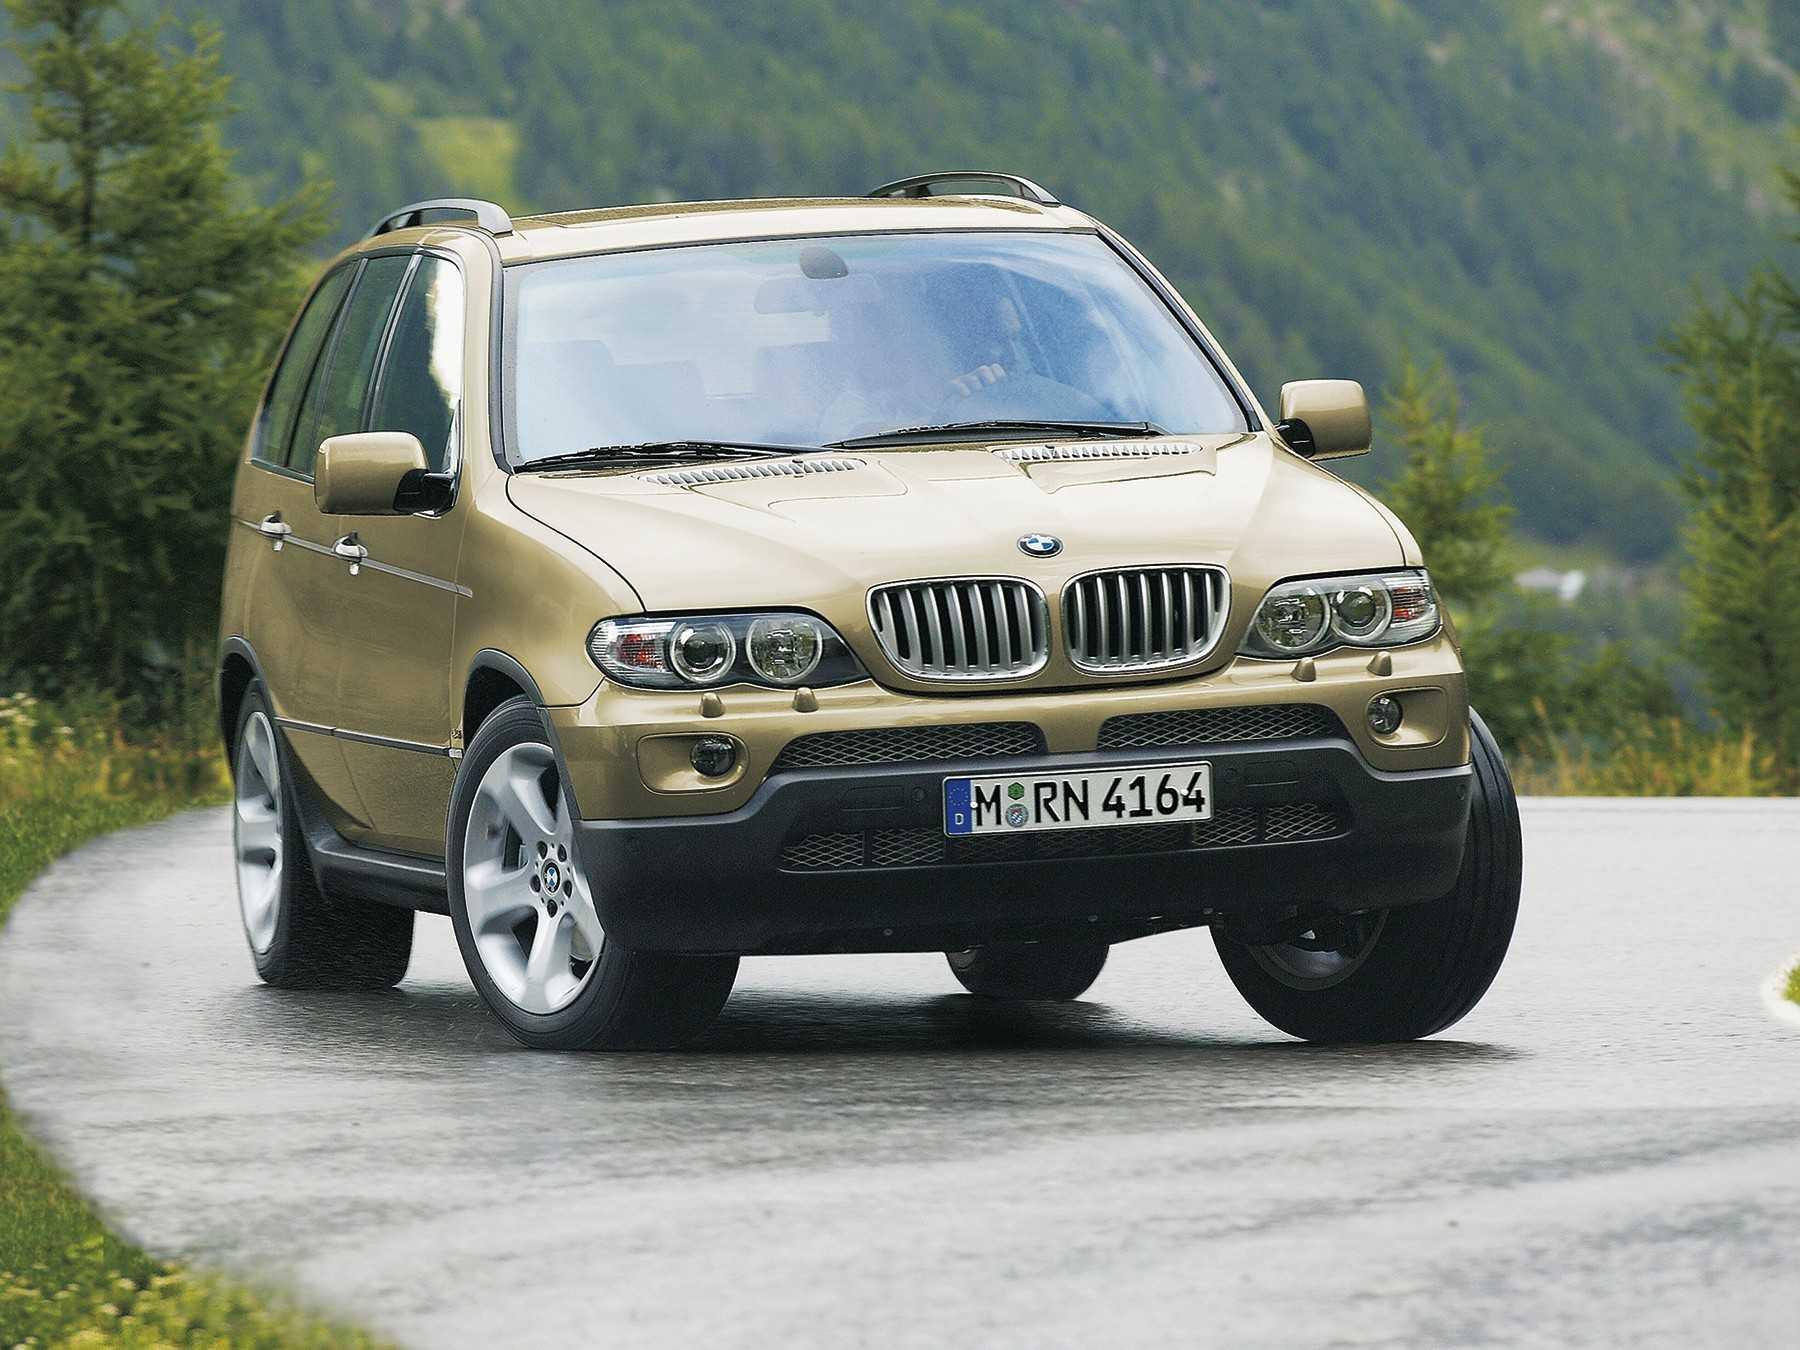 Пять вещей, за которые любят и ненавидят BMW X5 E53 - КОЛЕСА.ру – автомобильный журнал